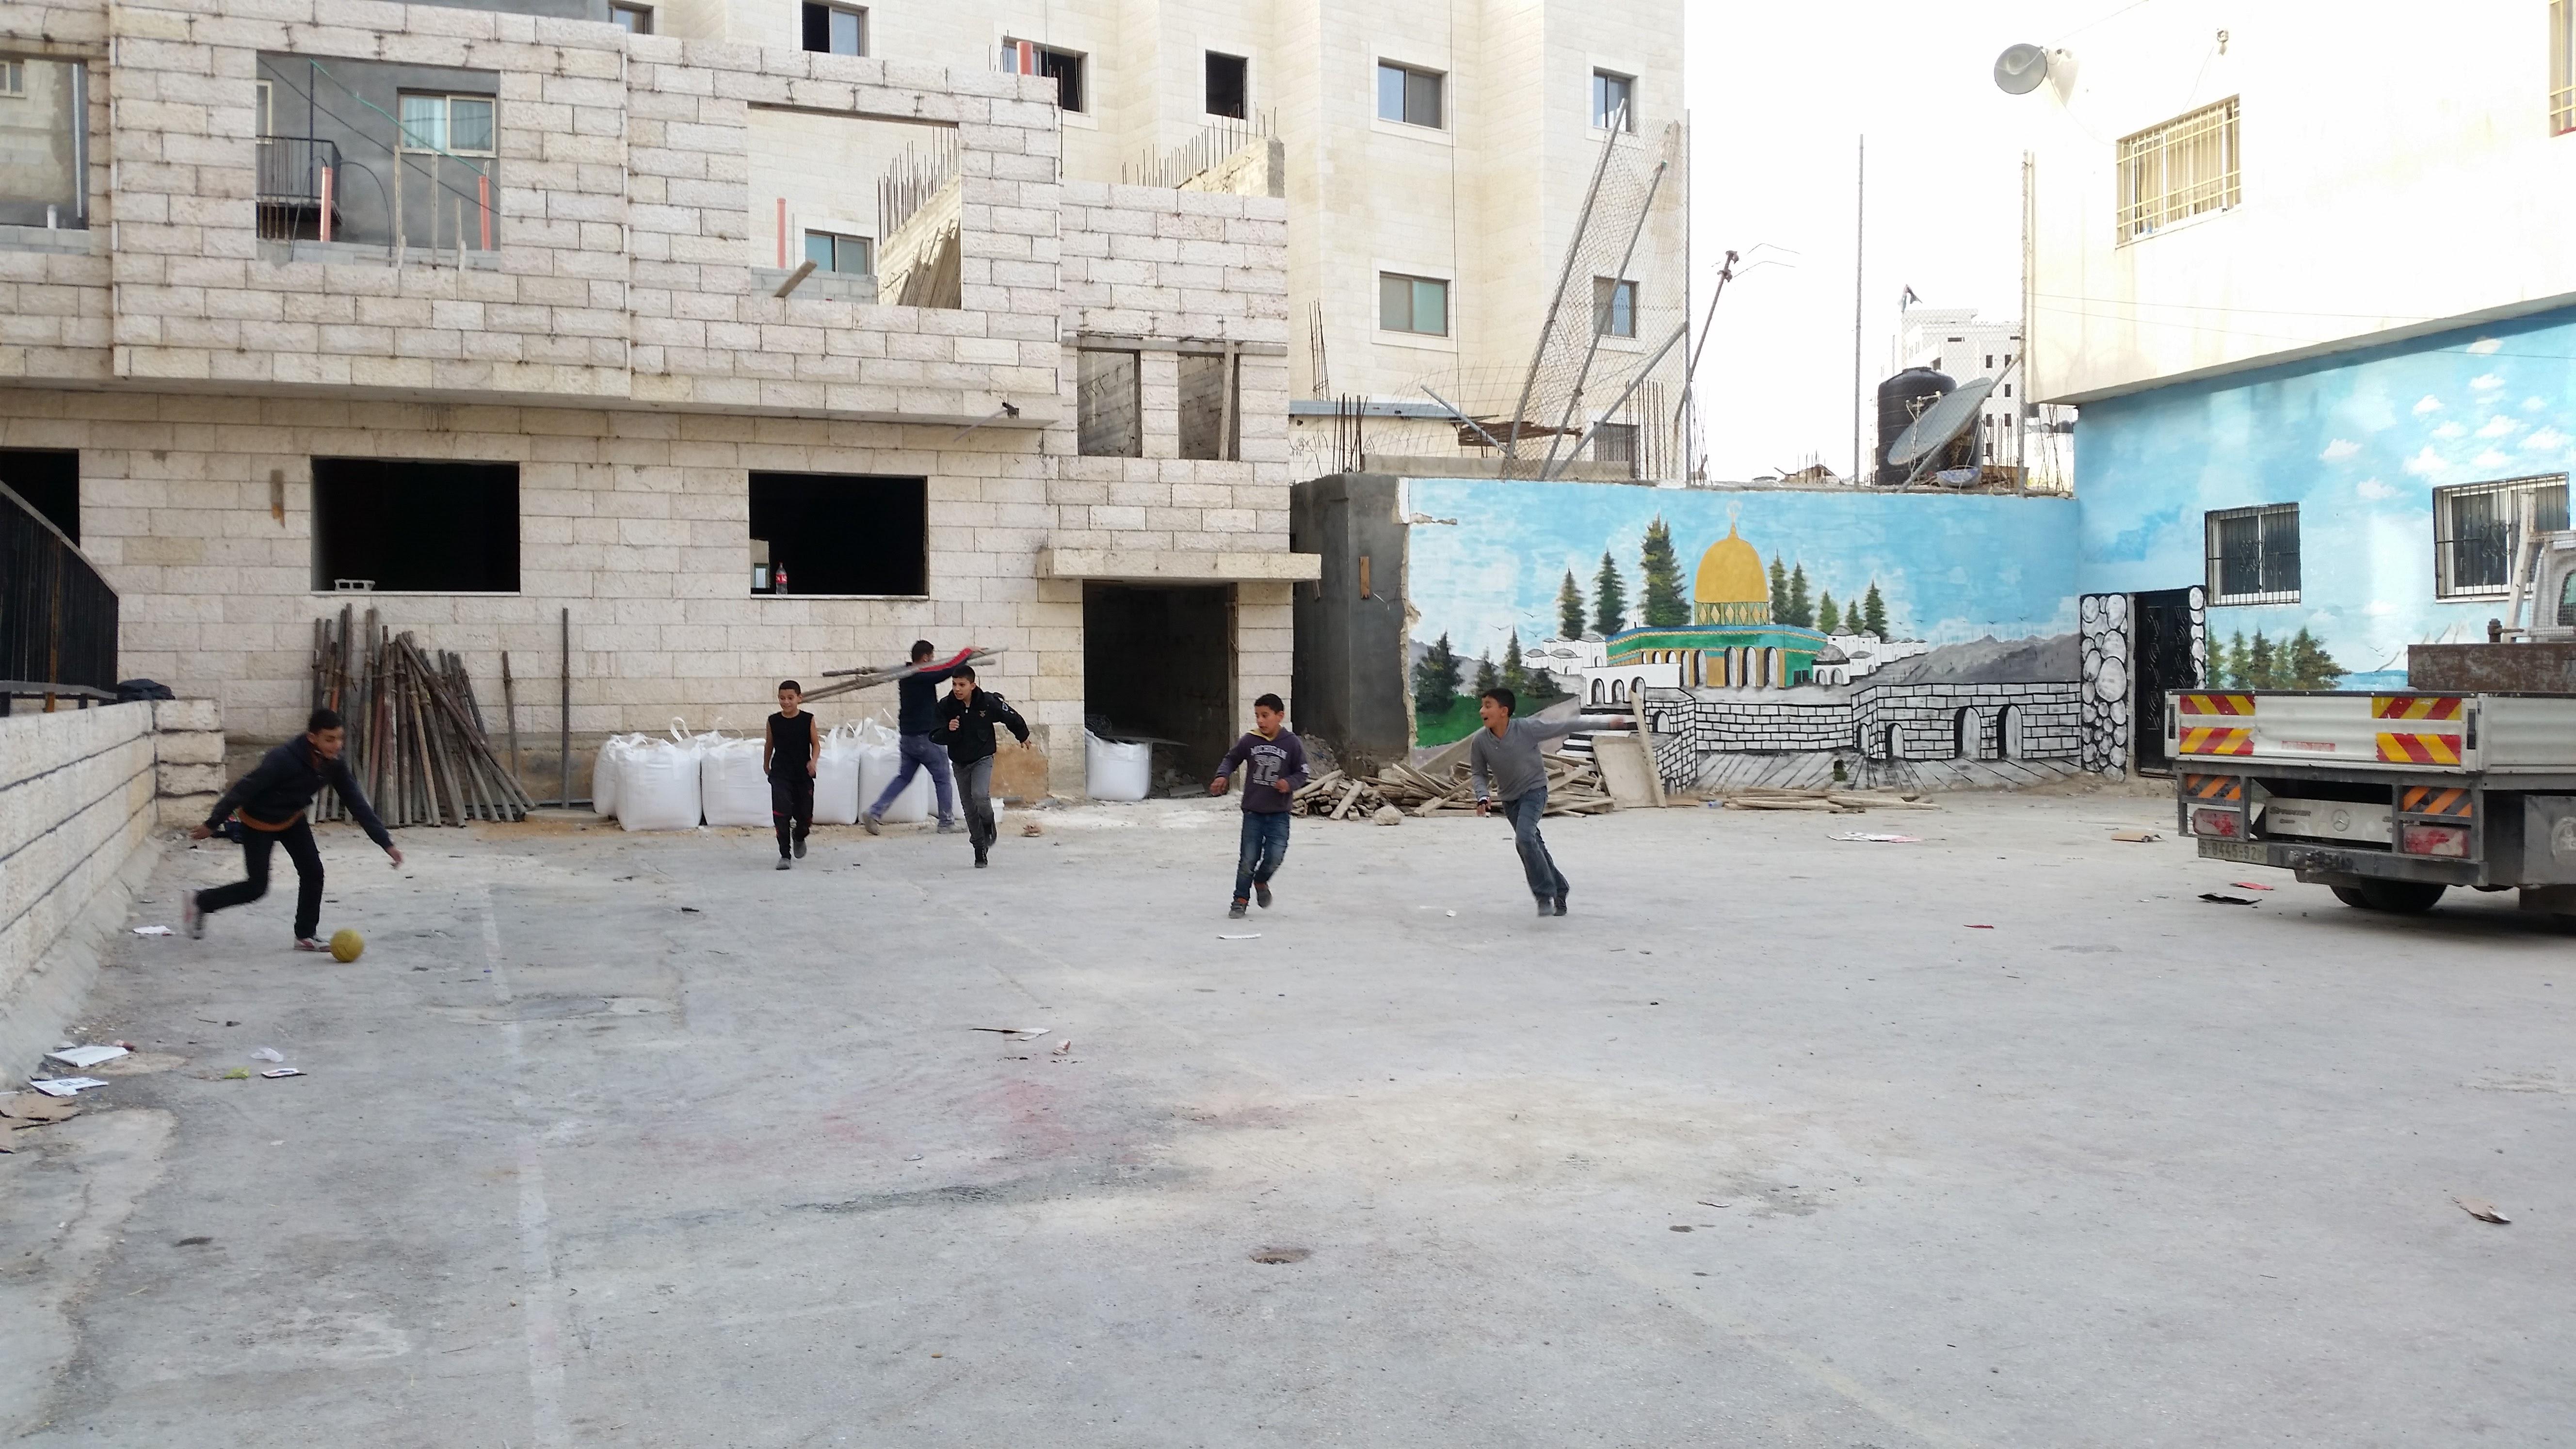 Gyerekek fociznak az UNWRA egyik menekült táborban Ramallah közelében. A menekült tábor 1949 óta működik.